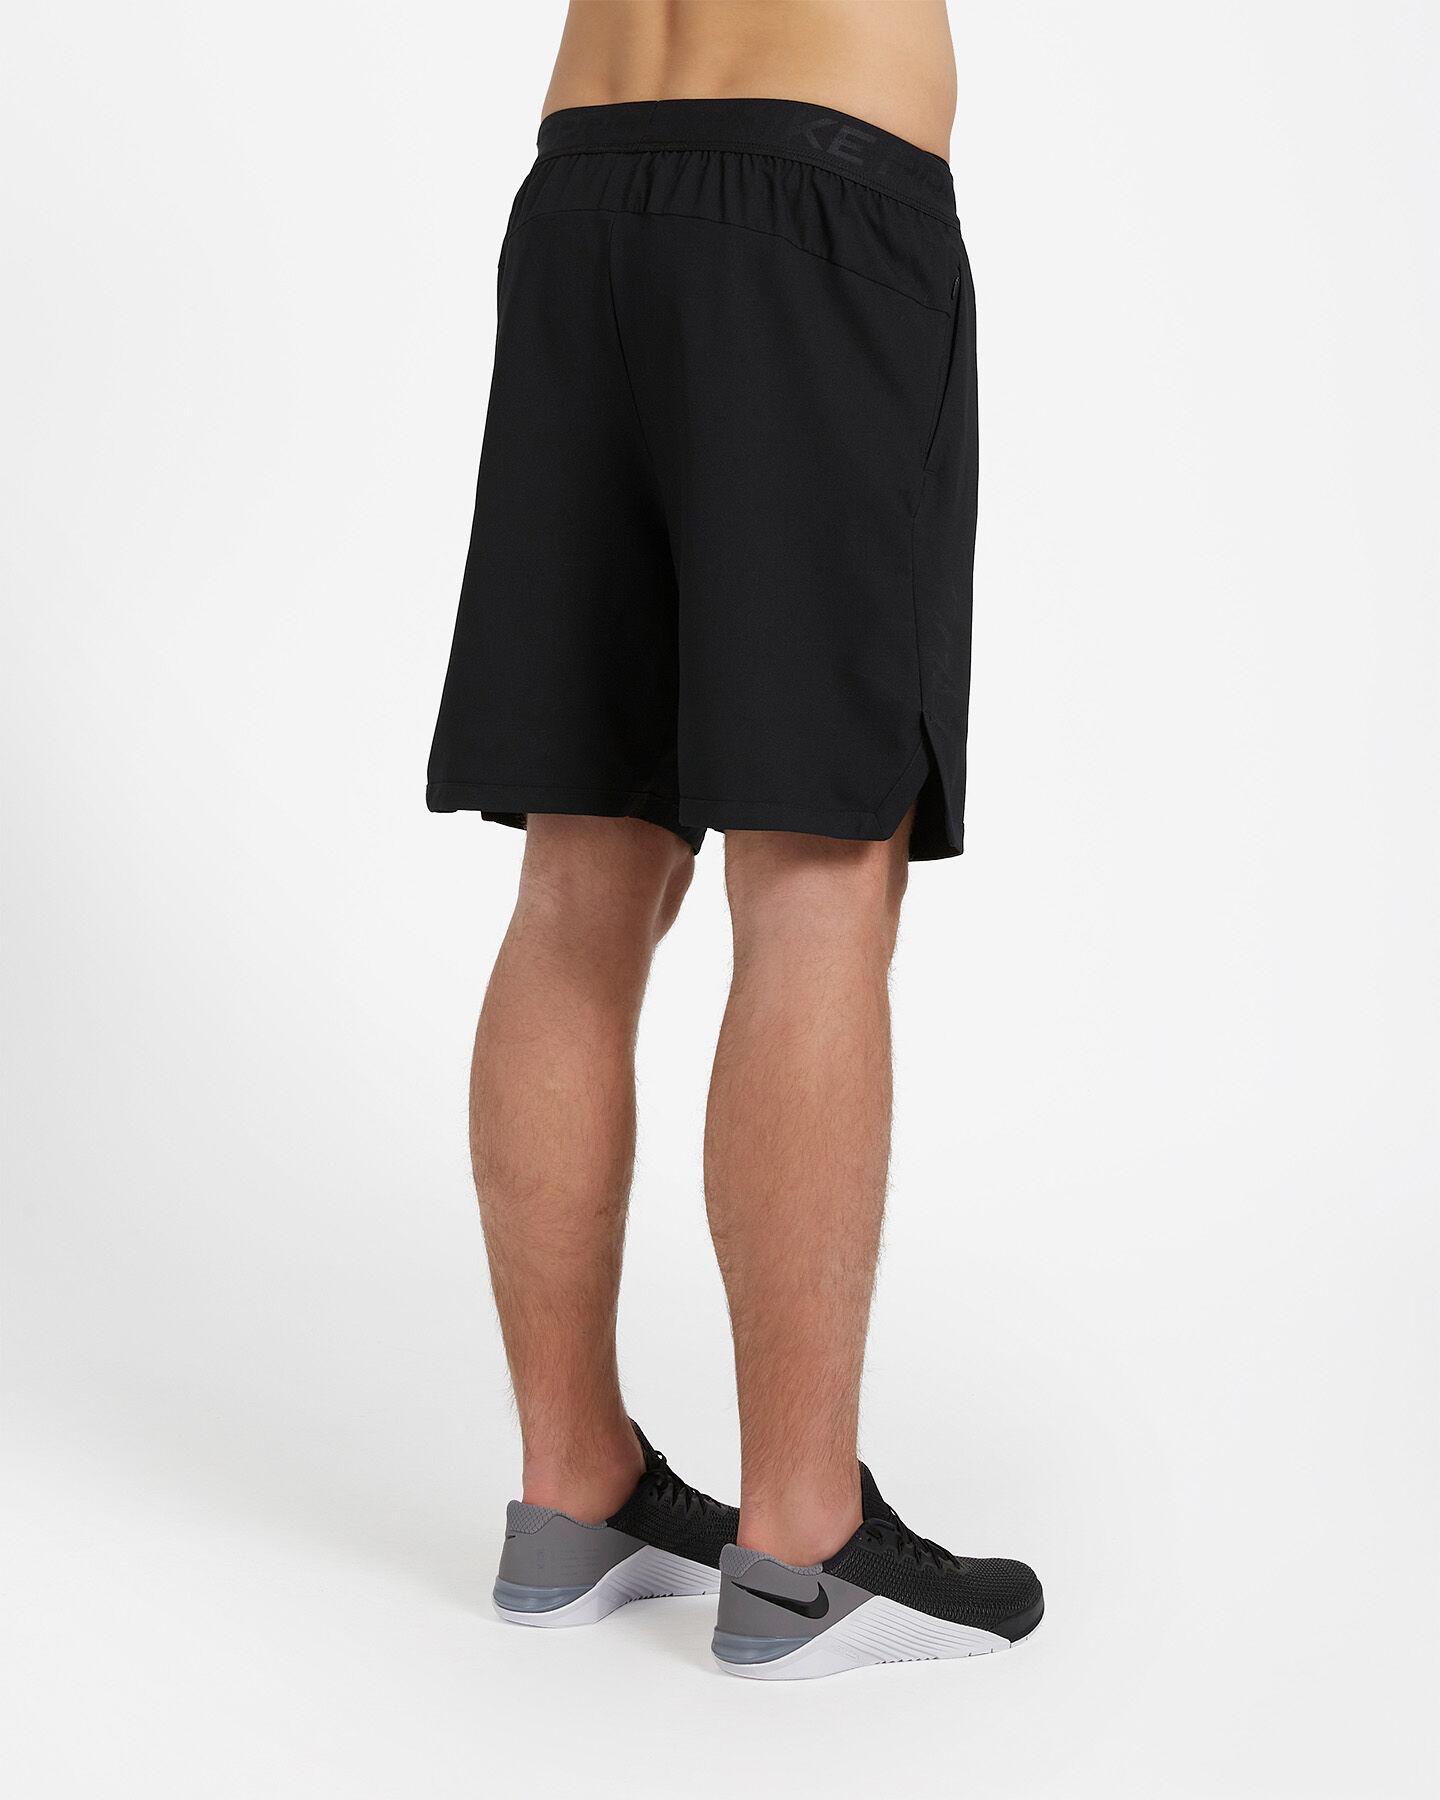 Pantalone training NIKE PRO FLEX VENT MAX 3.0 M S5163988 scatto 1